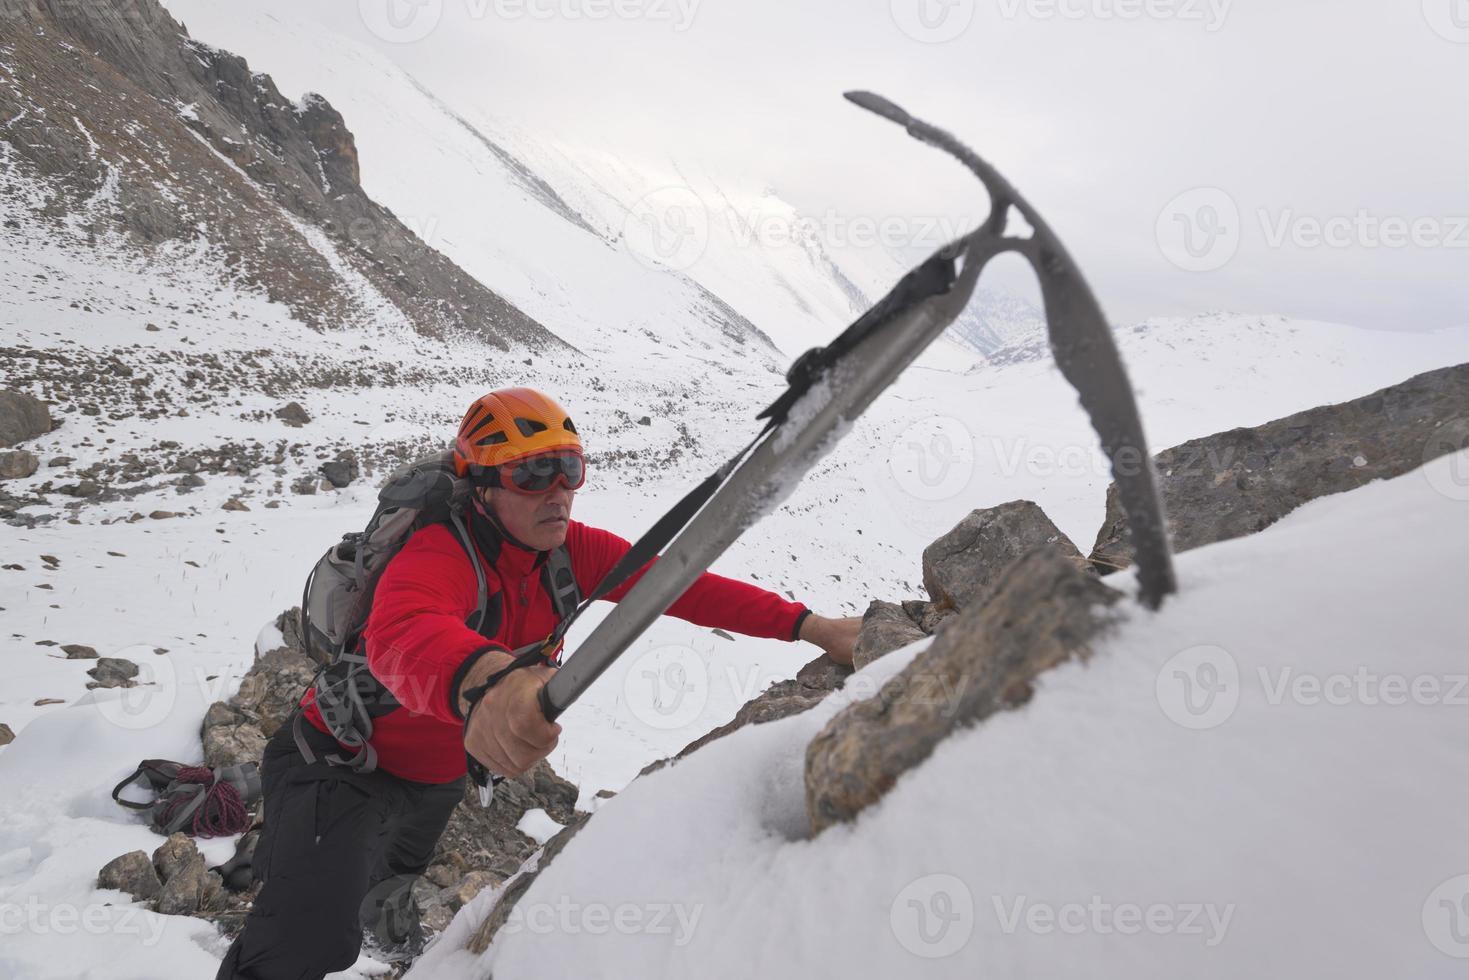 einen Berg besteigen foto